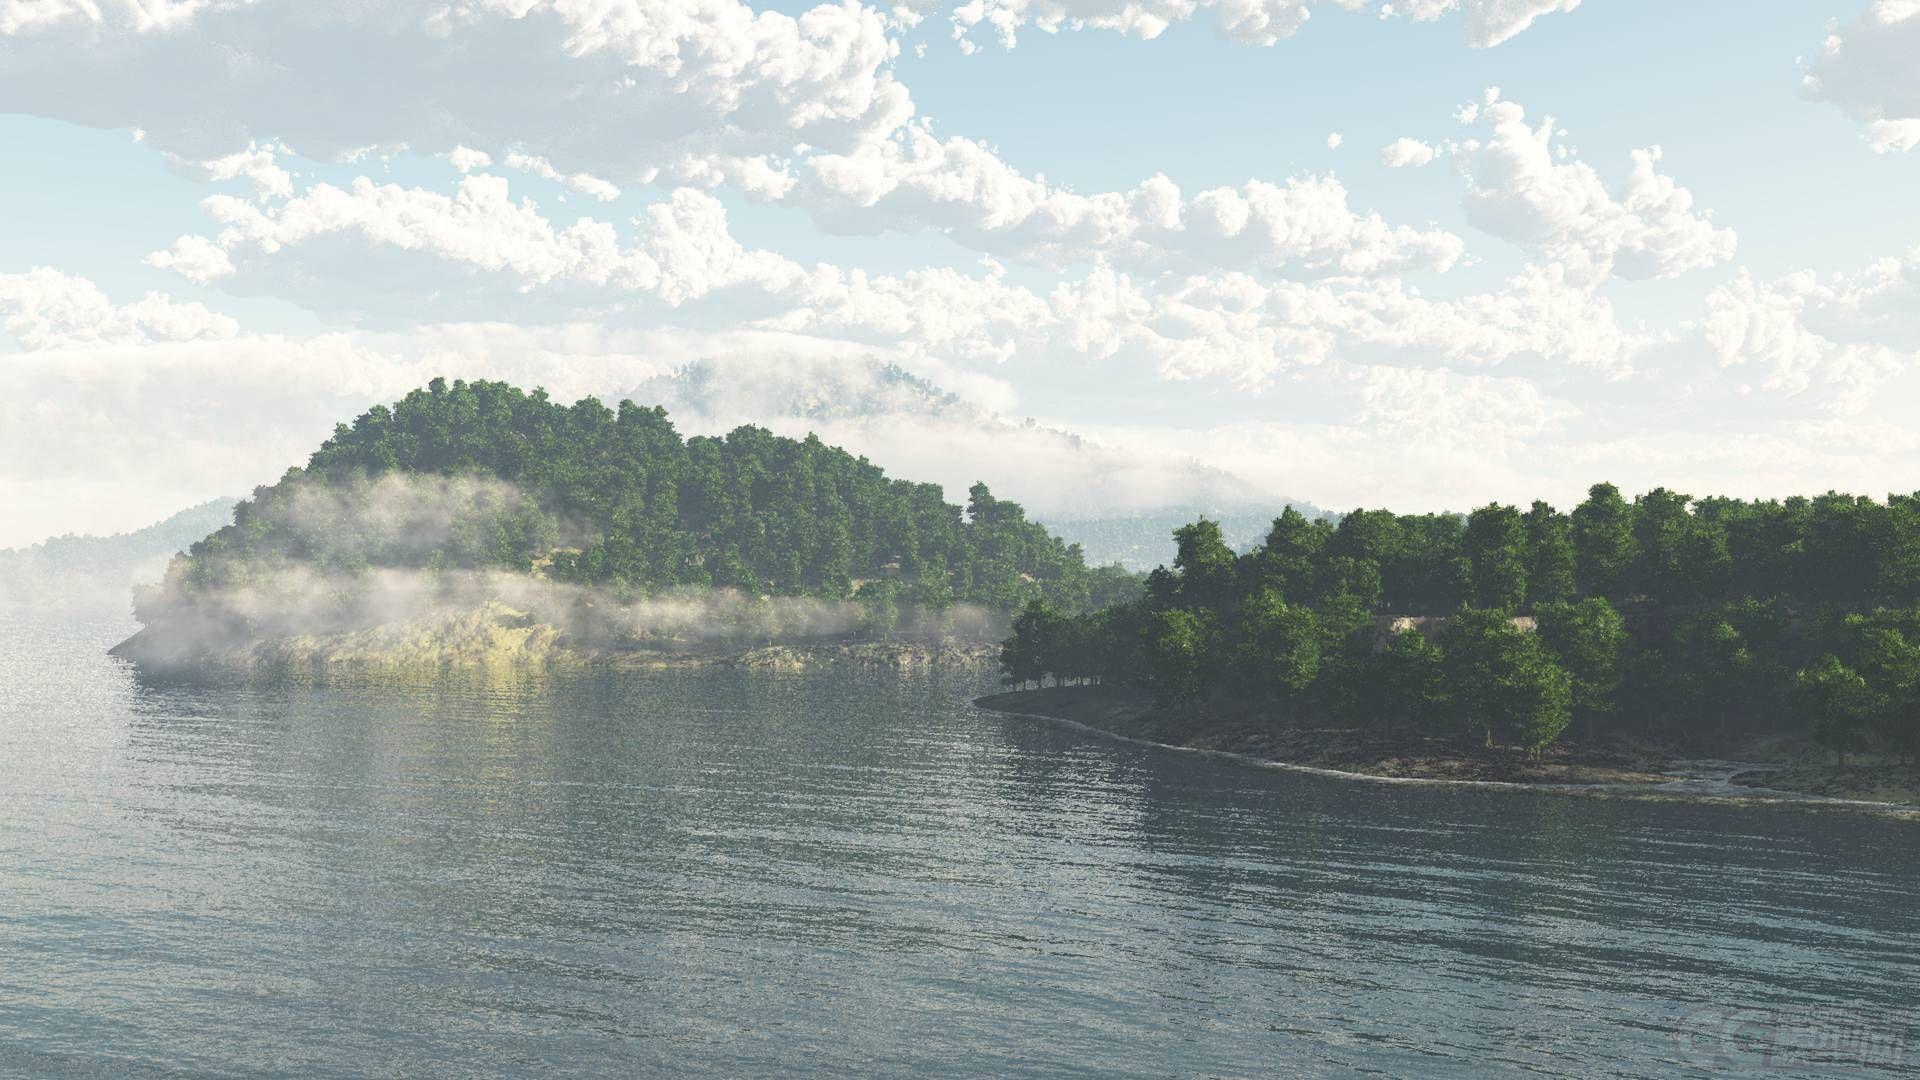 壁纸 风景 山水 摄影 桌面 1920_1080